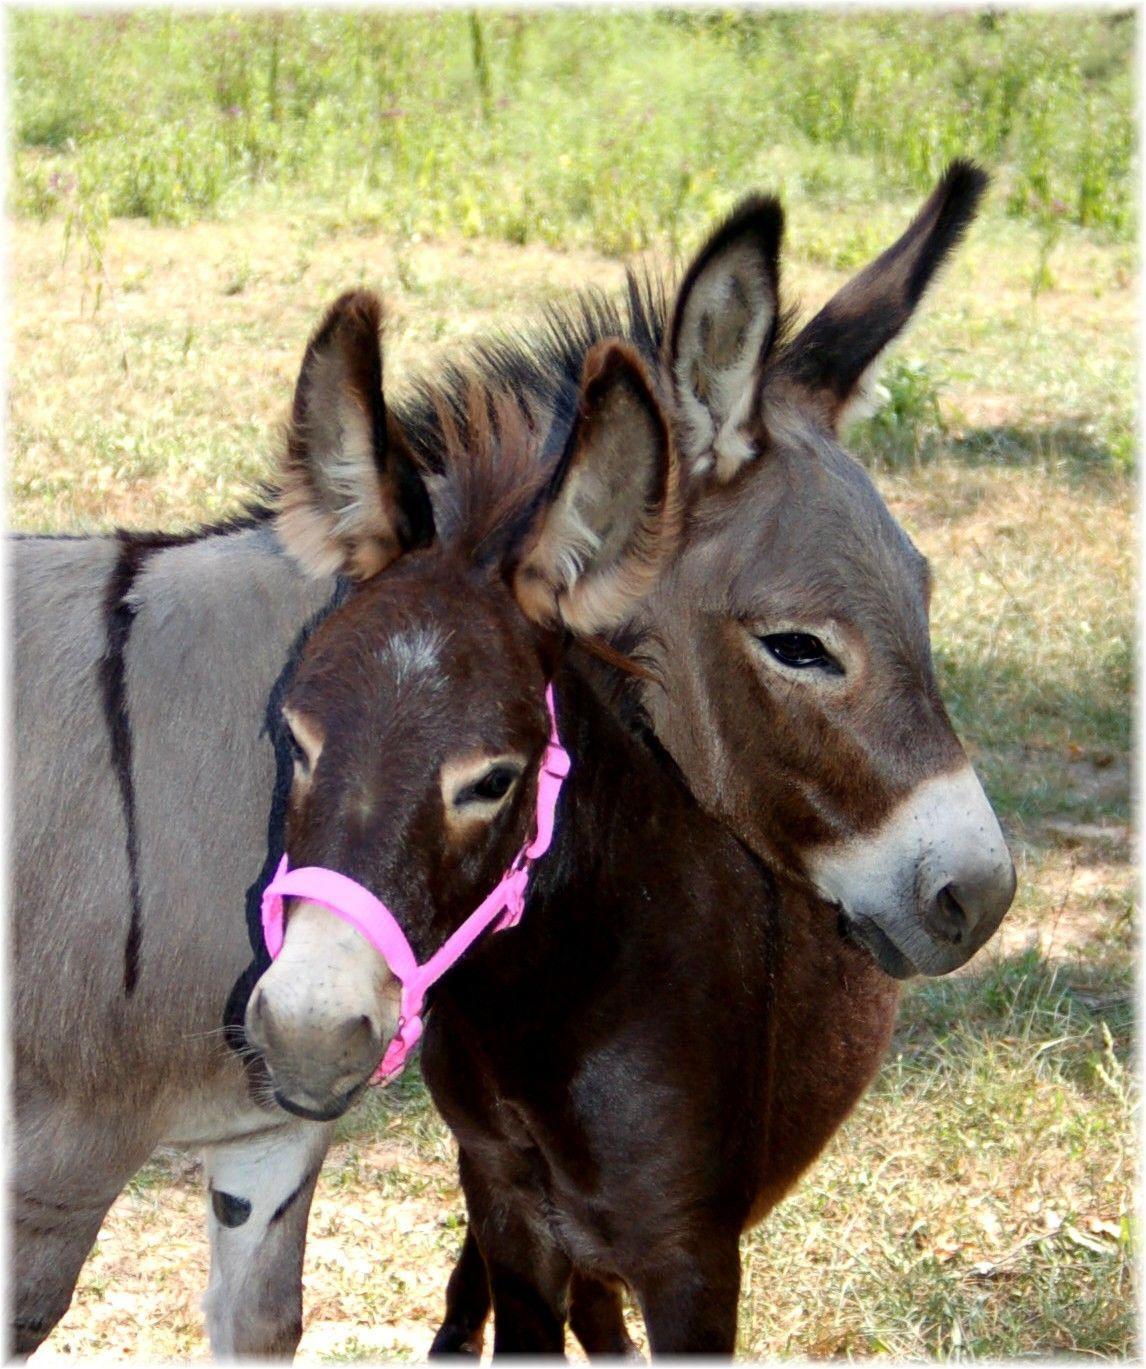 minature donkeys